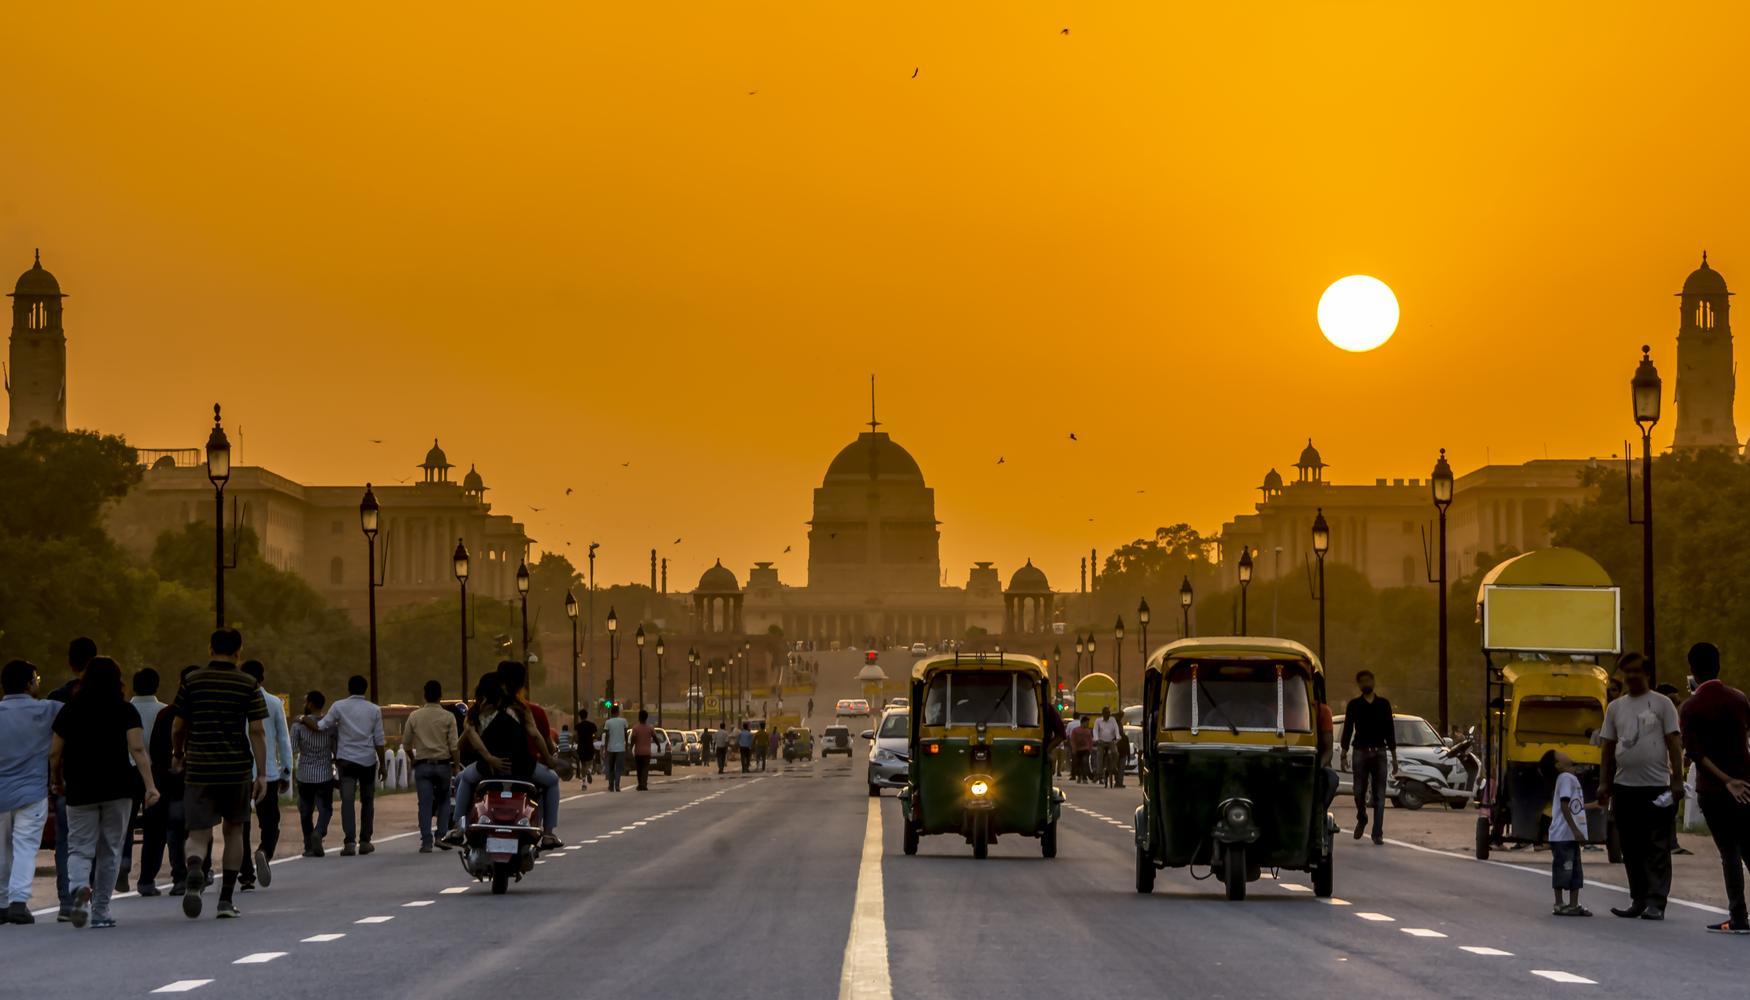 新德里 英迪拉·甘地国际机场的租车